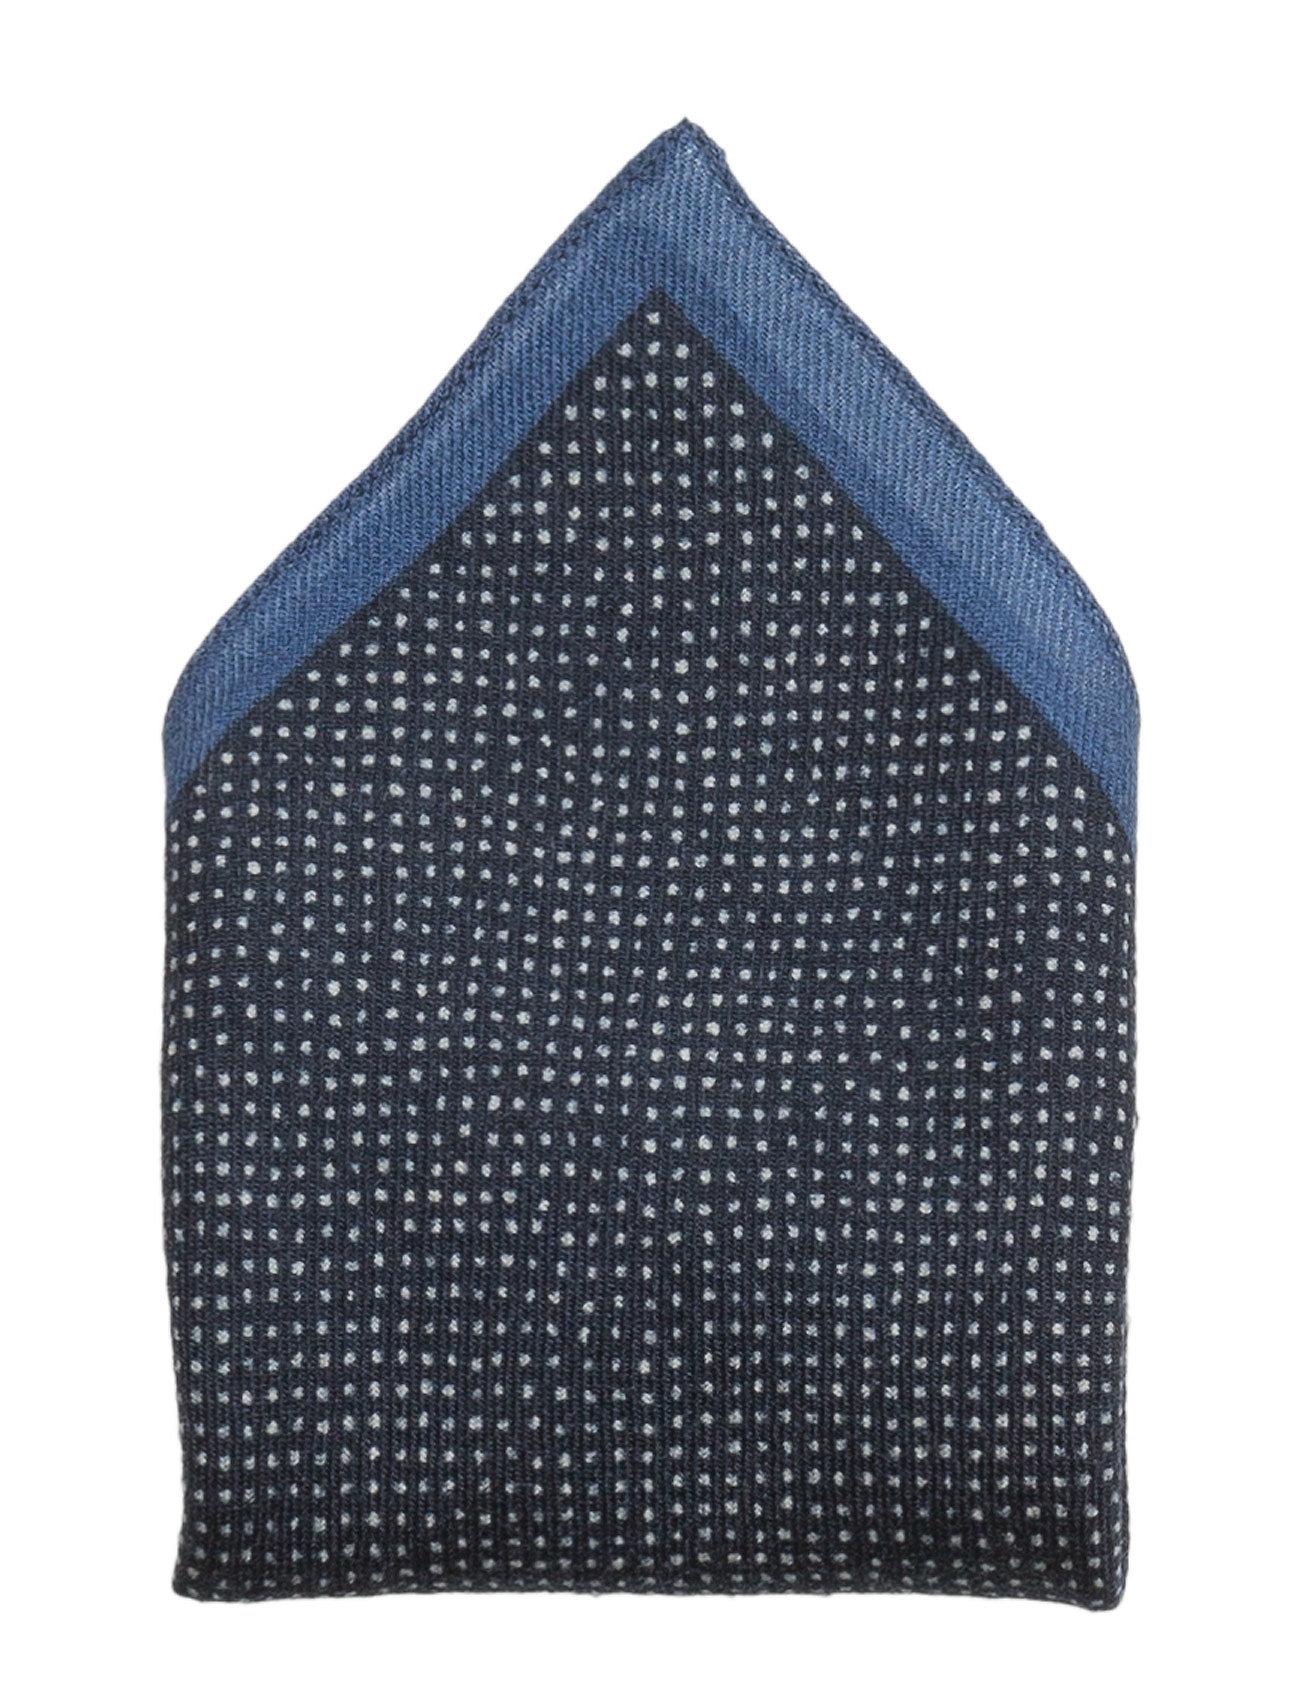 Pocket Sq. Cm 33x33 BOSS Accessories til Mænd i Navy blå